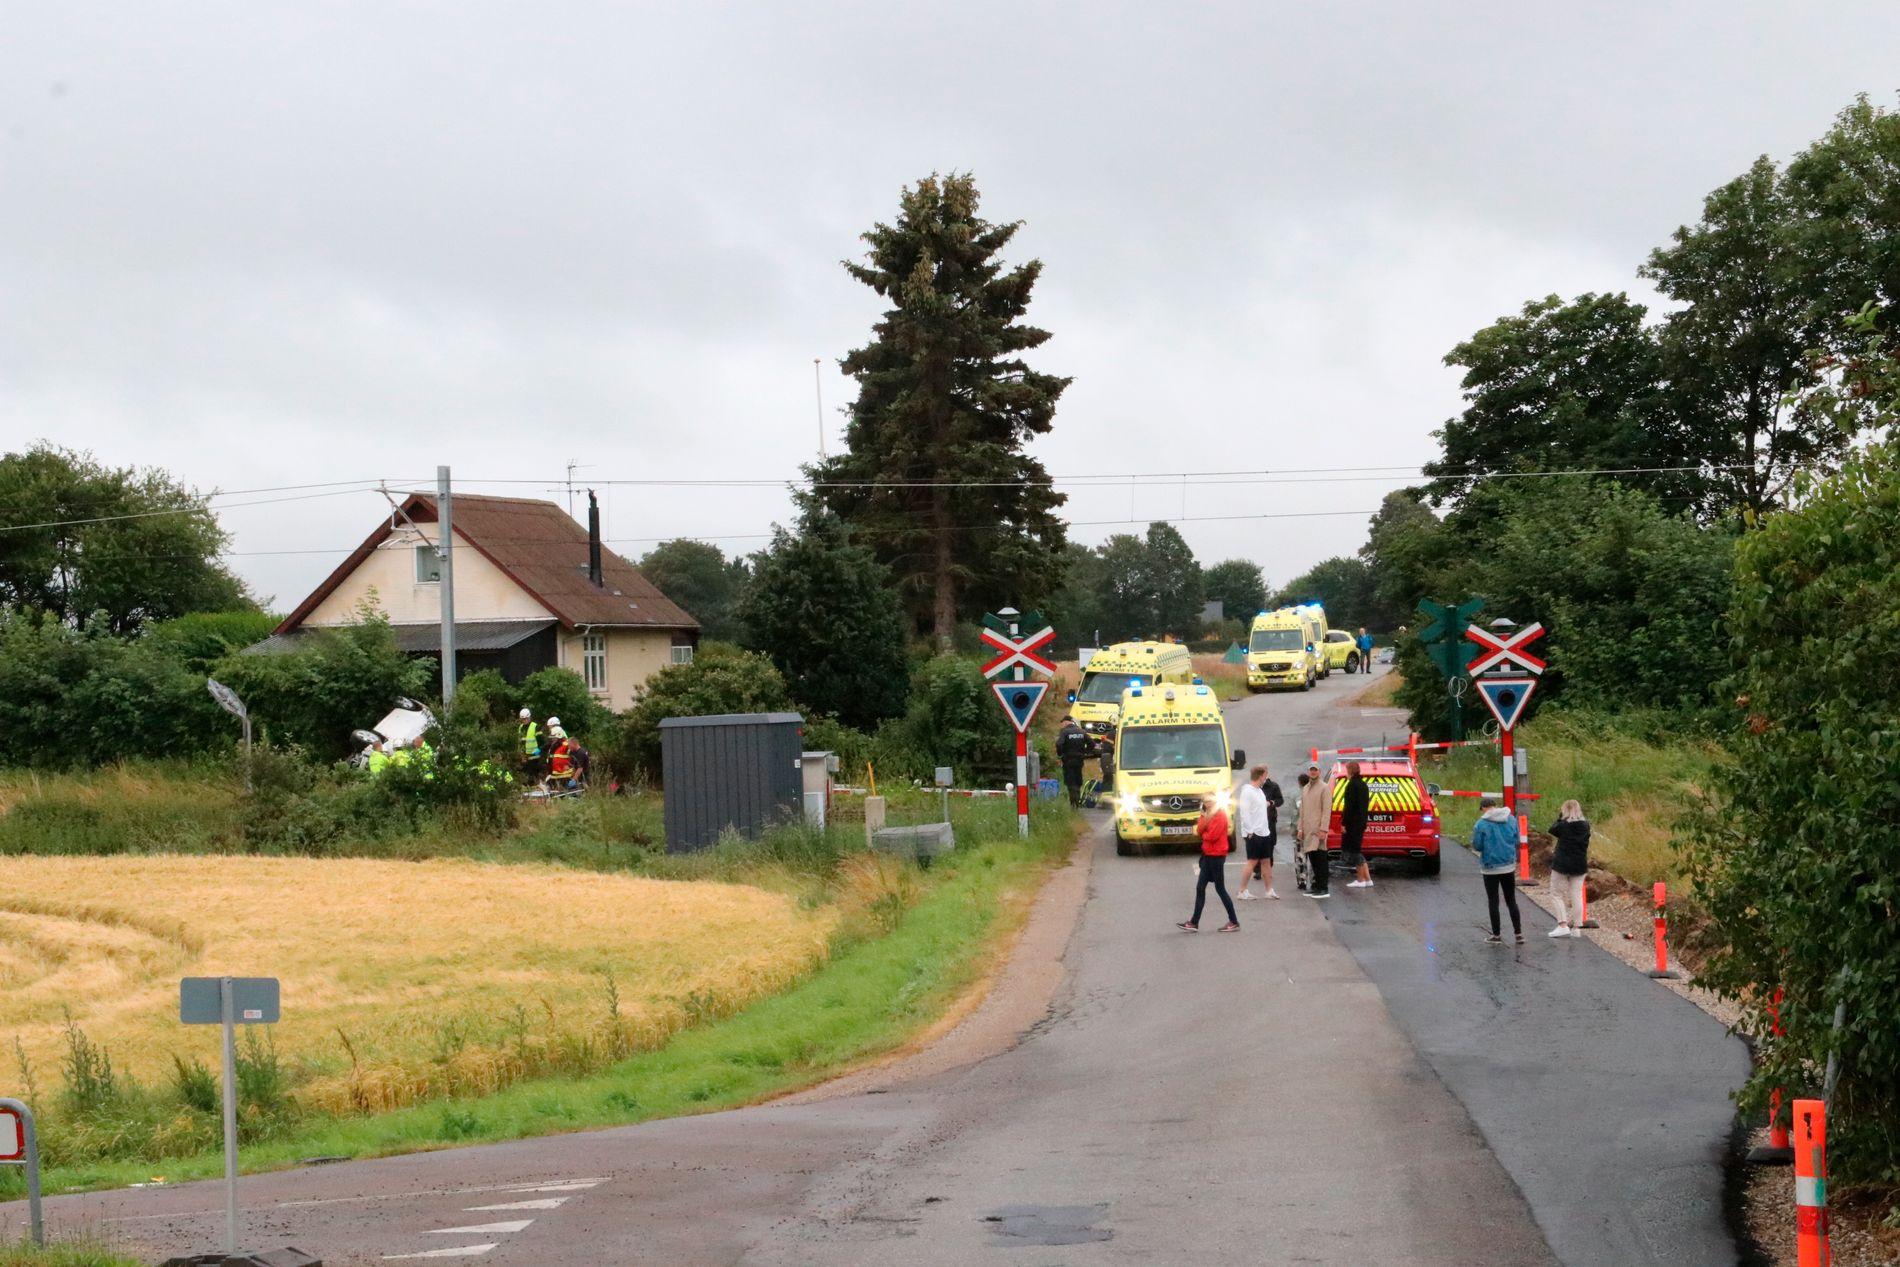 ULYKKESSTEDET: Her mistet en norsk mann og hans sønn livet lørdag. En kvinne og ei ung jente overlevde ulykken og er på sykehus.